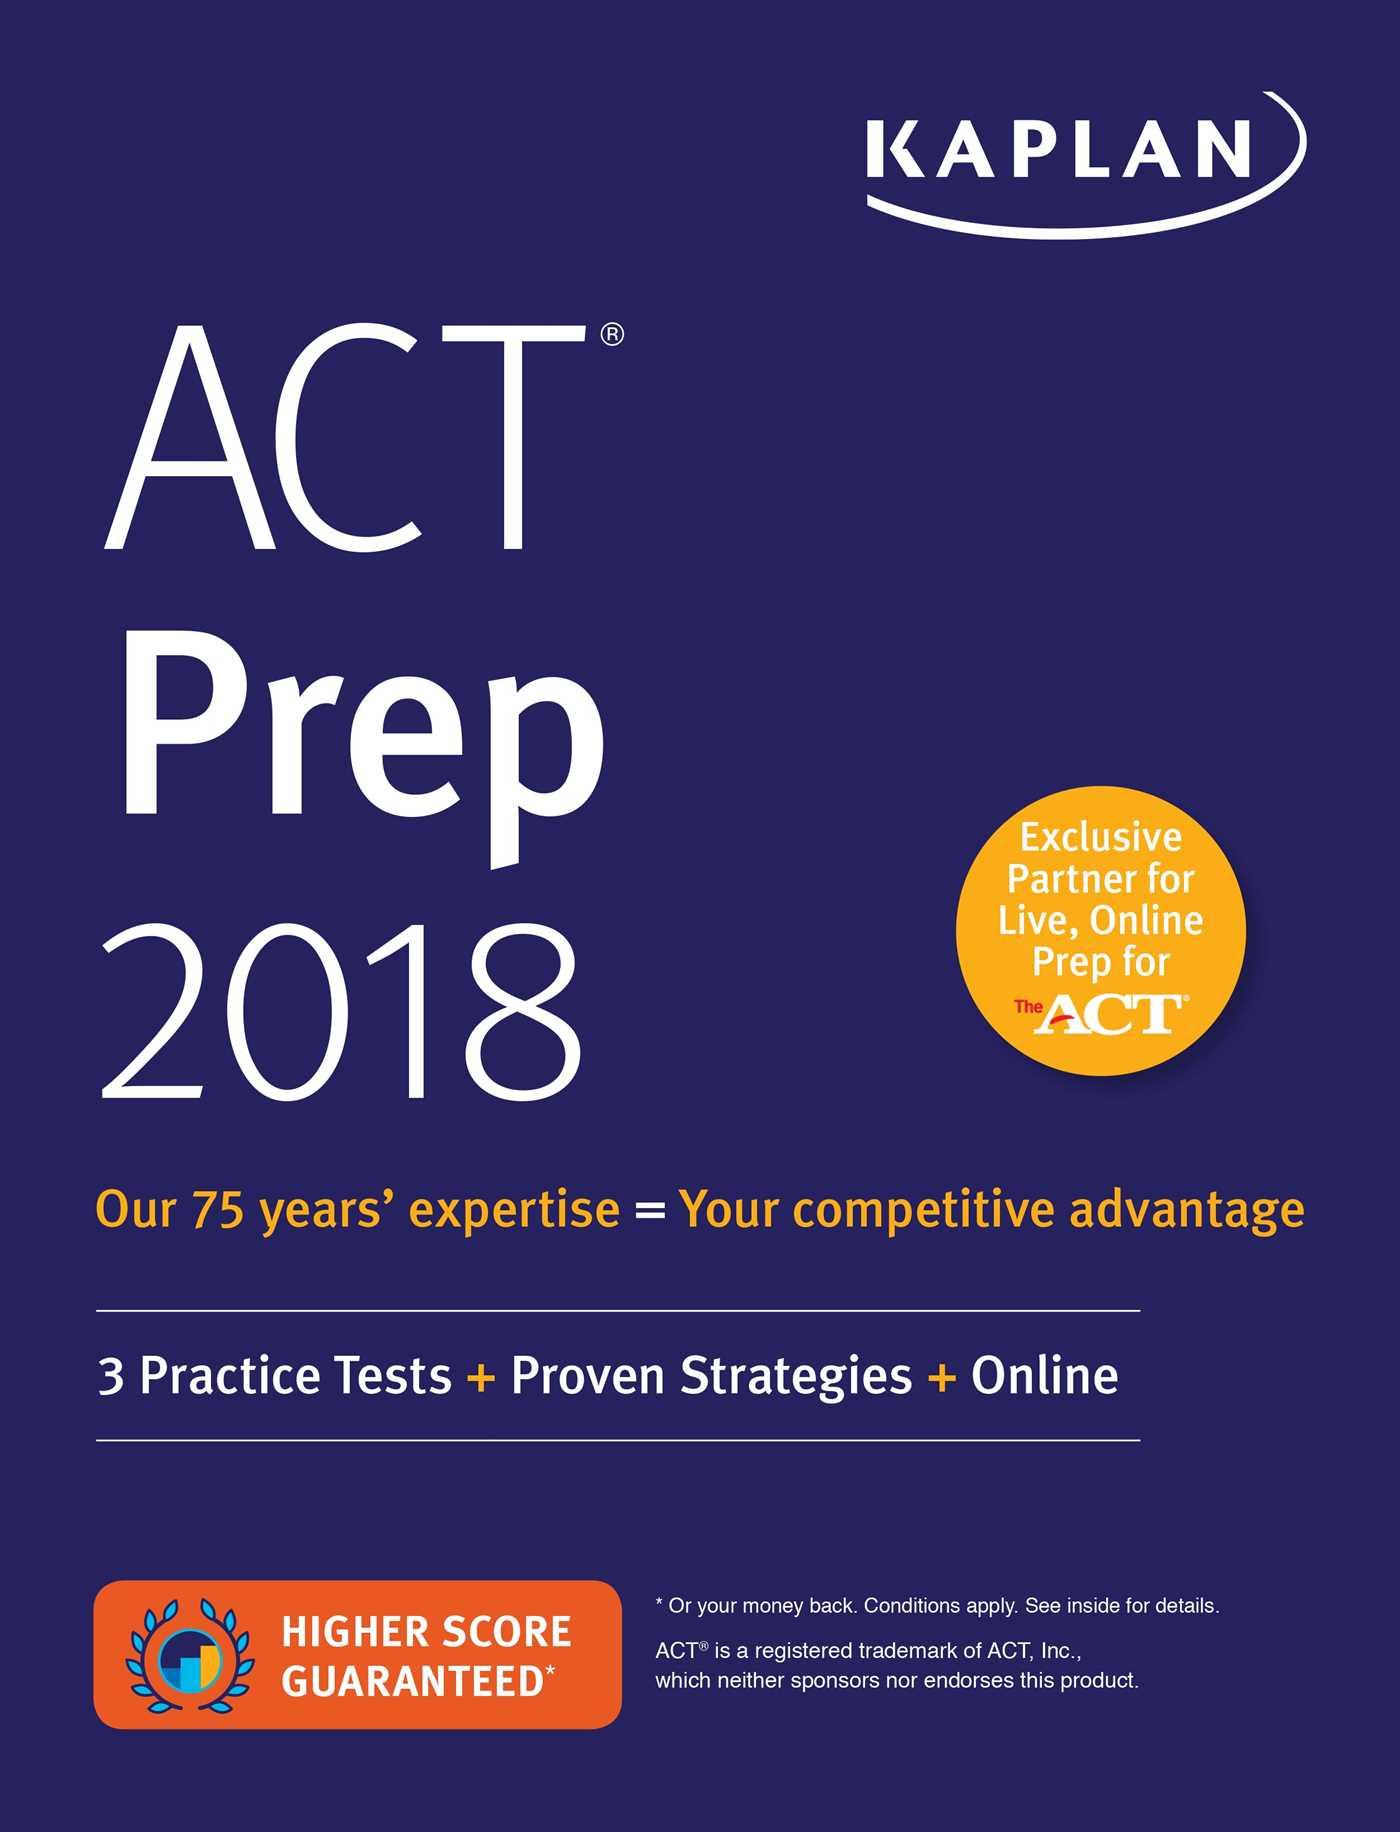 Best ACT Prep Courses 2018: Quick Review & Comparison